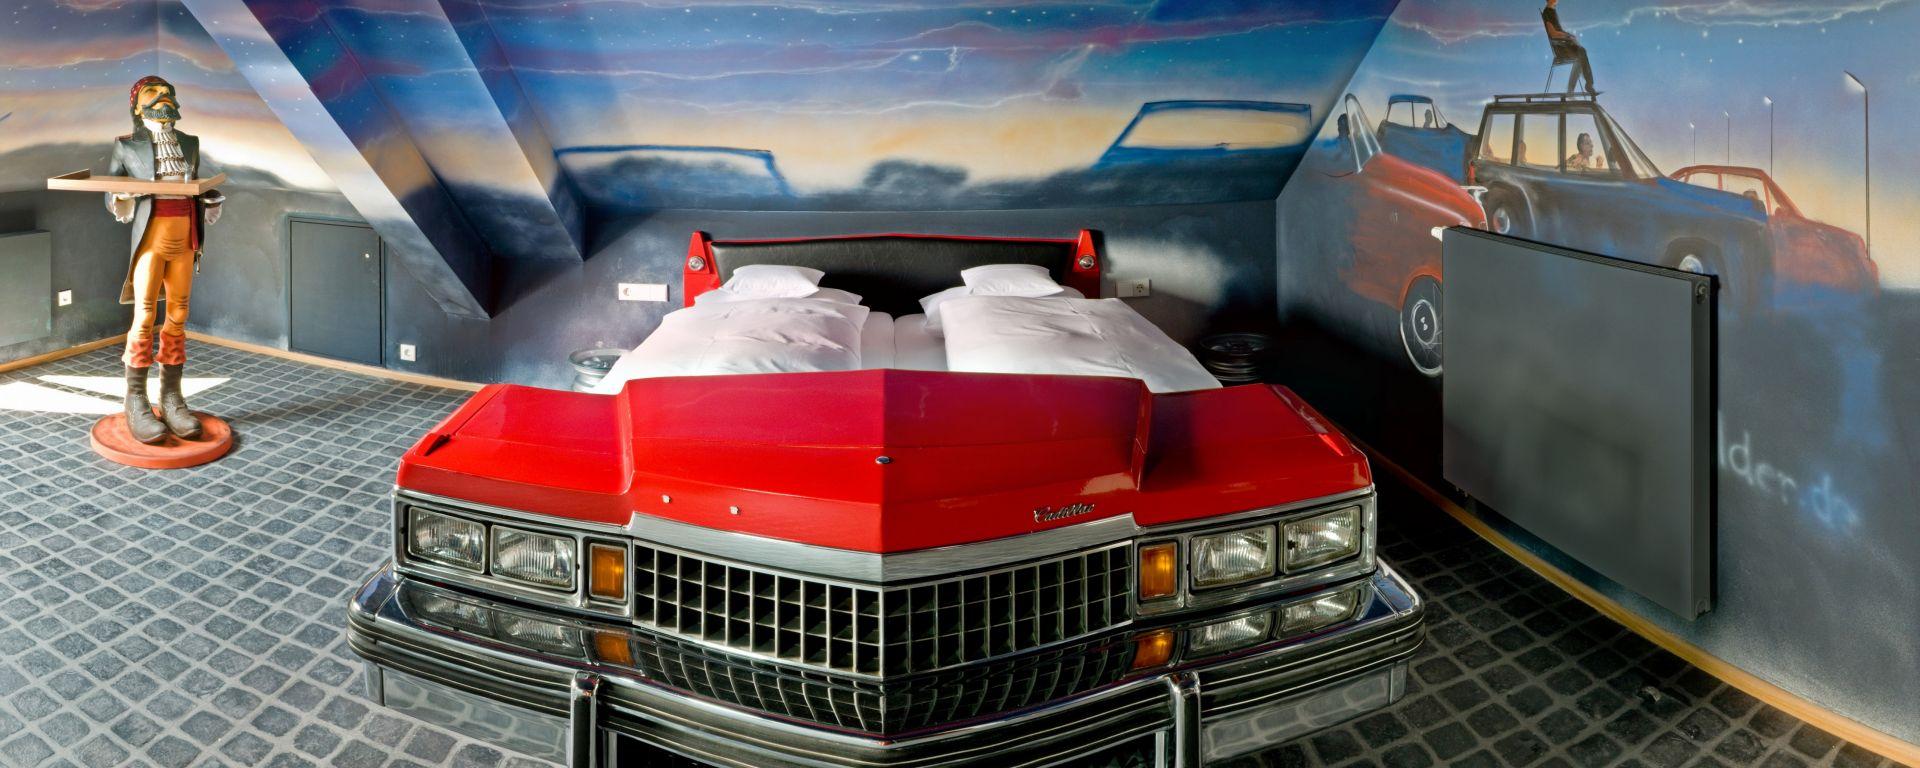 Hotel V8: quando dormire in macchina è una pacchia